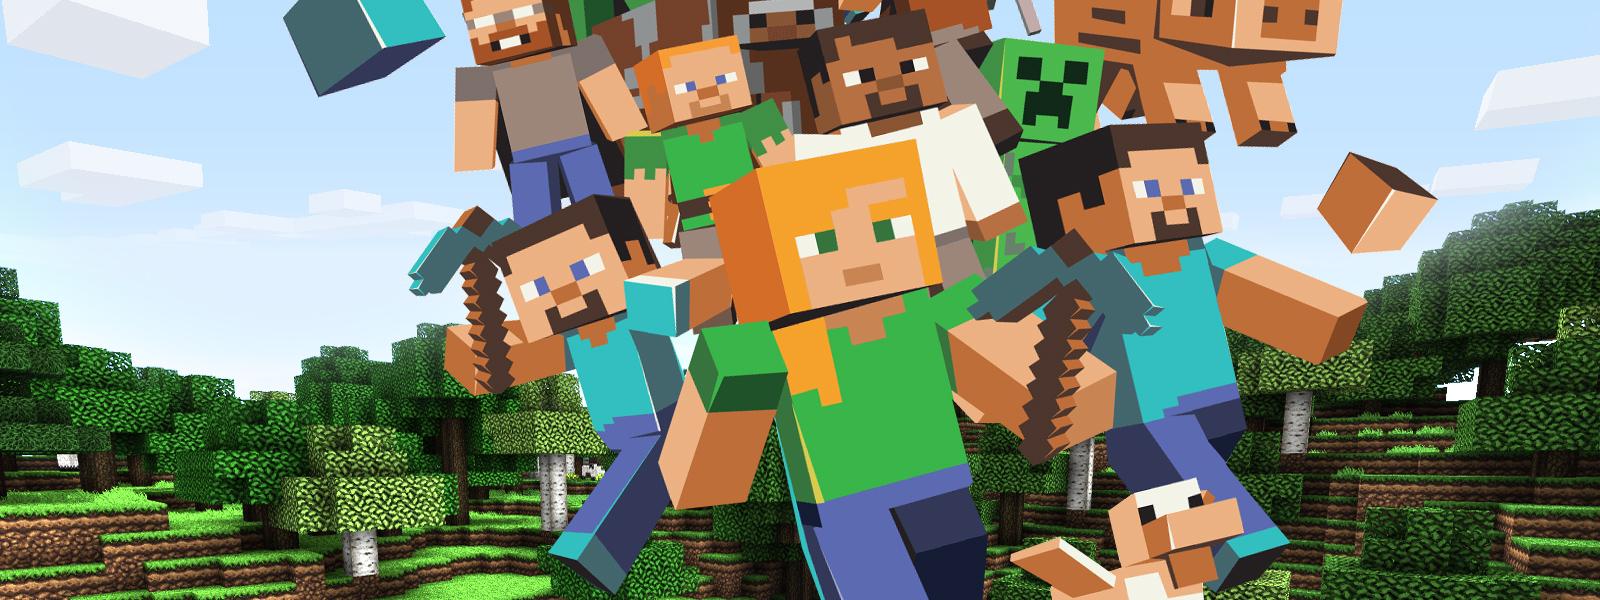 Photo of Microsoft ar putea cumpara Mojang pentru 2 miliarde de dolari!